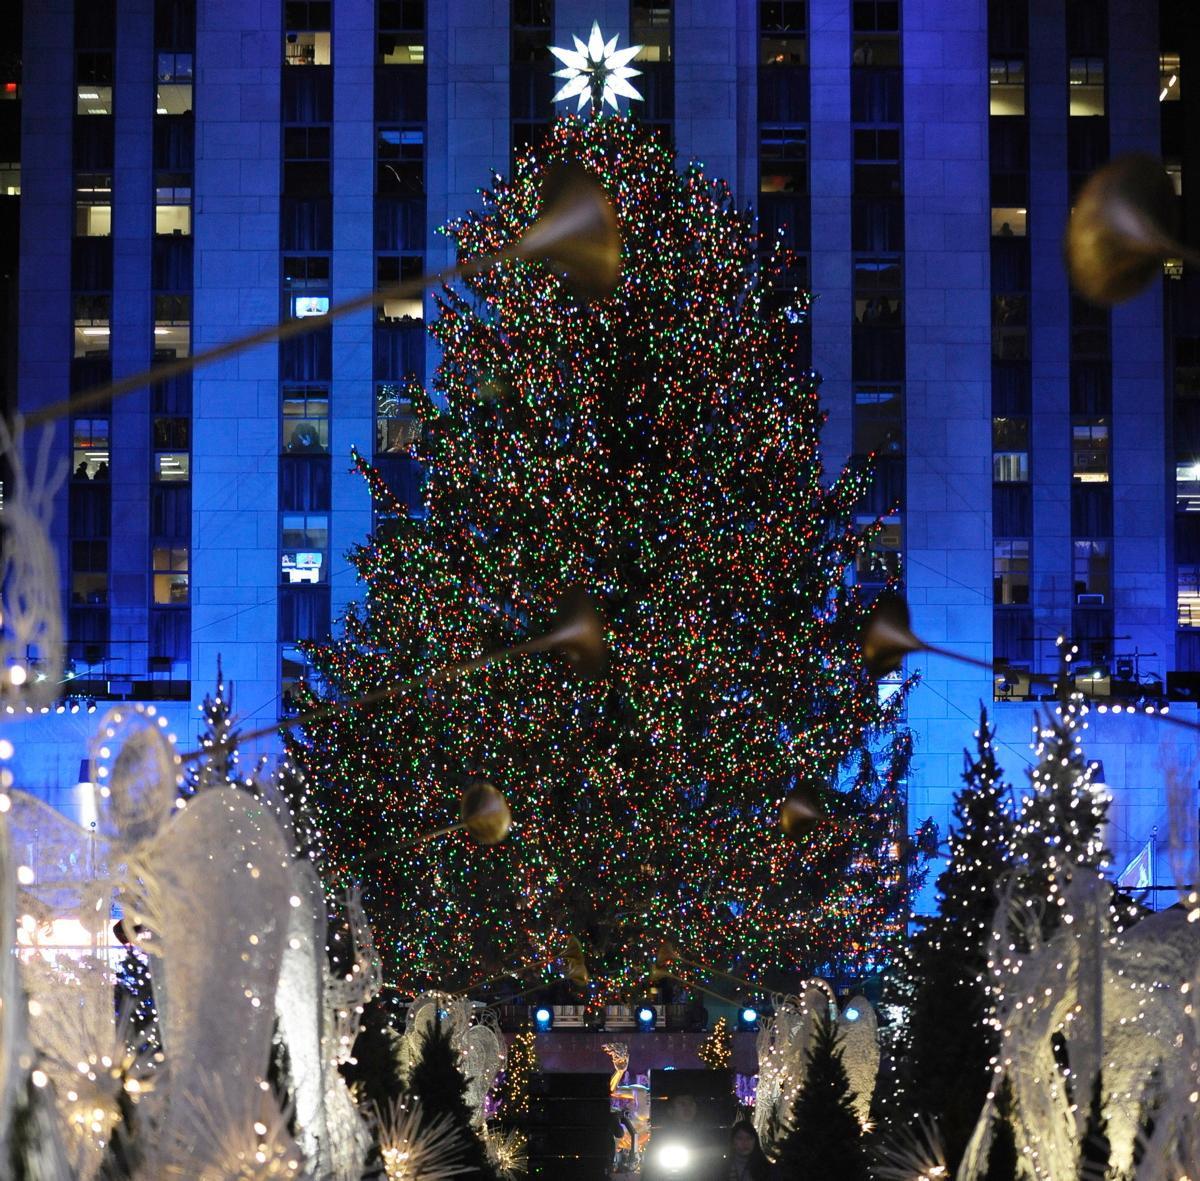 Rockefeller Center Christmas Tree Lighting Performers: Top 20 Rockefeller Tree Lighting 2019 Performers